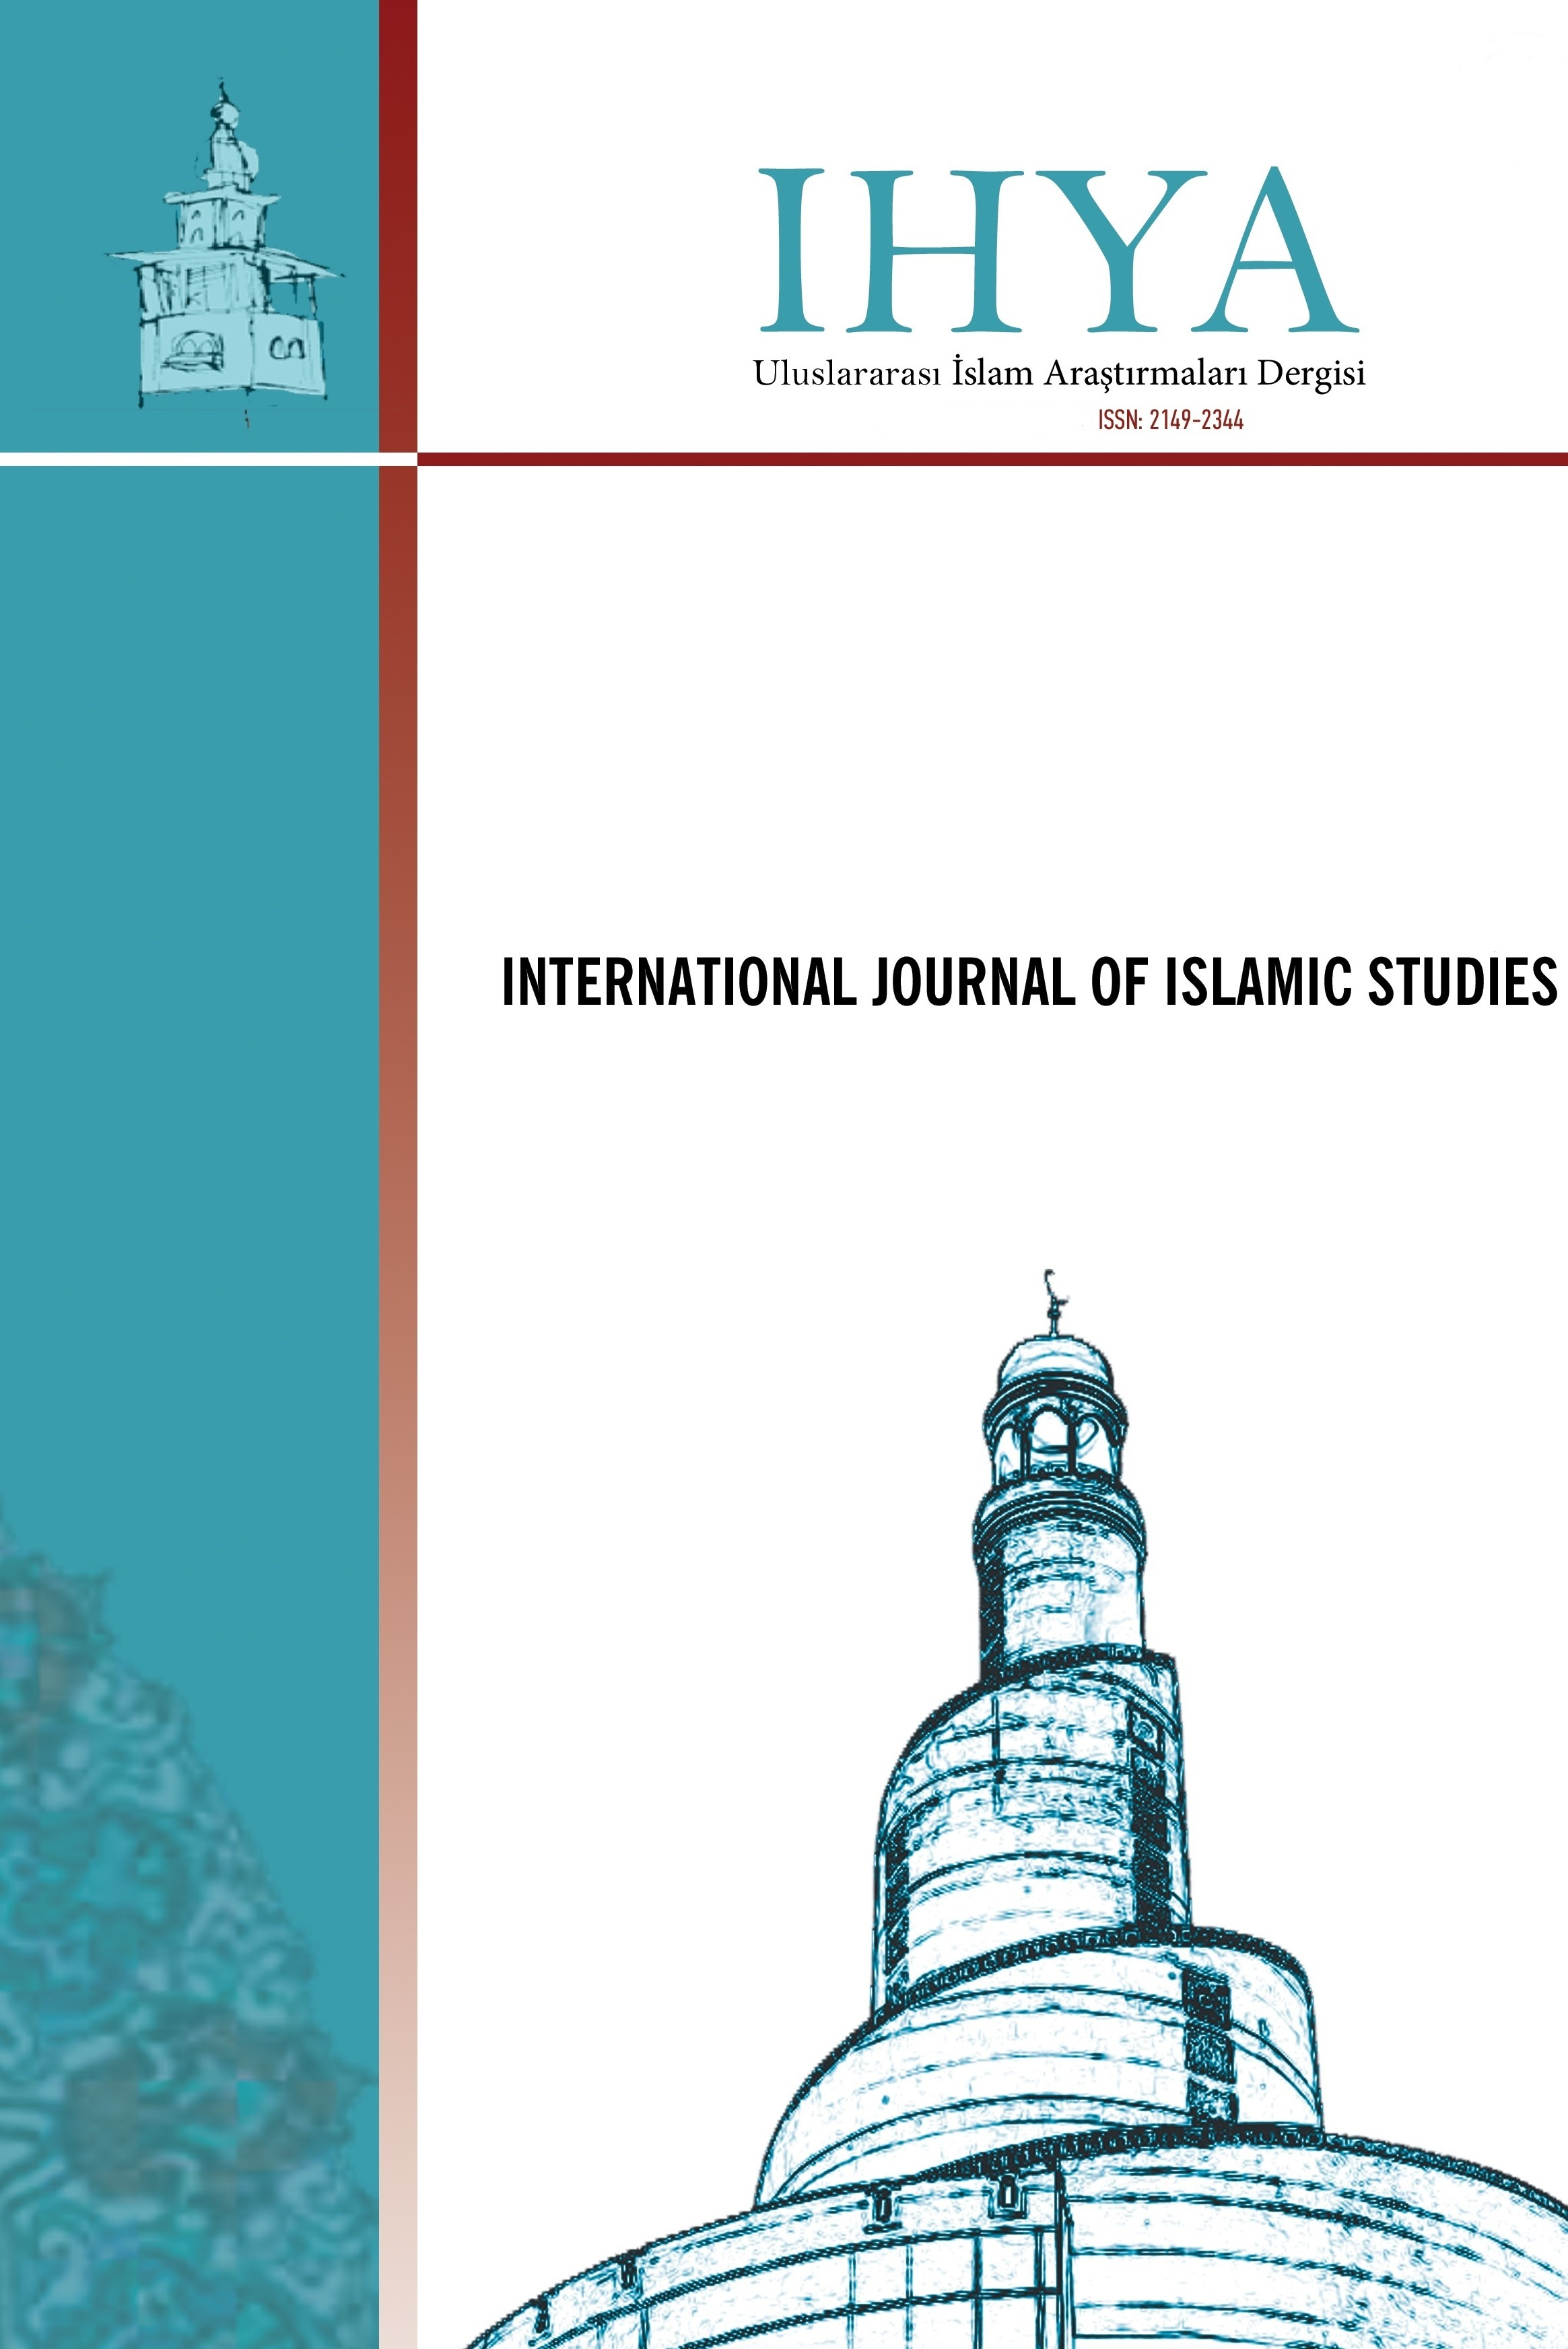 İhya Uluslararası İslam Araştırmaları Dergisi